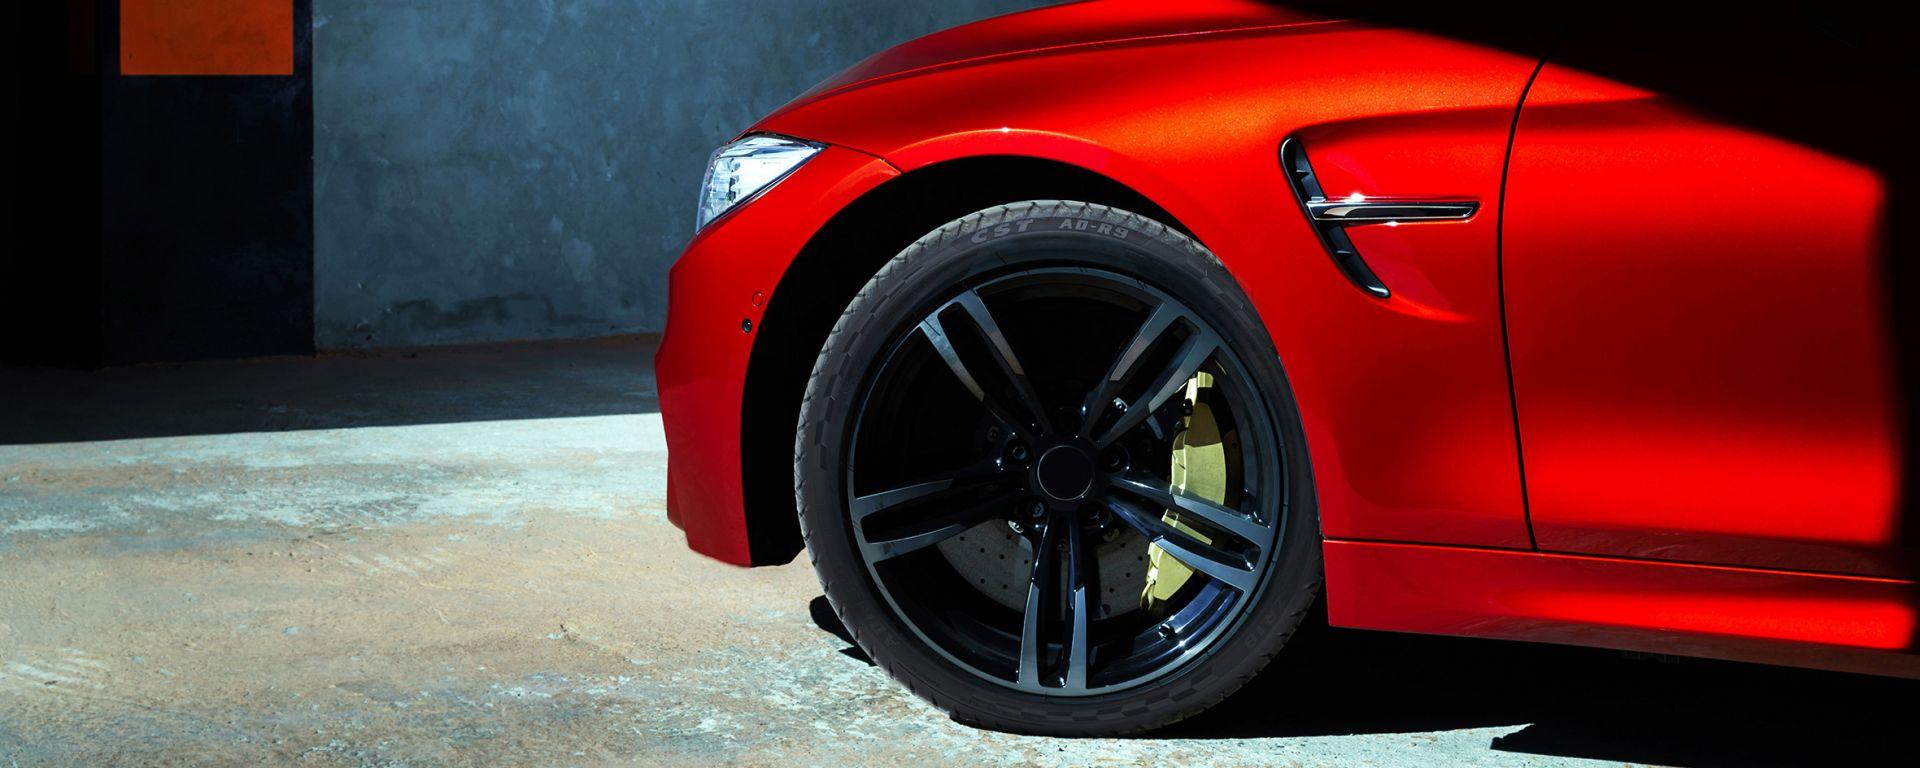 Adreno AD-R9, pneumatico estivo ad alte prestazioni per auto sportive e SUV